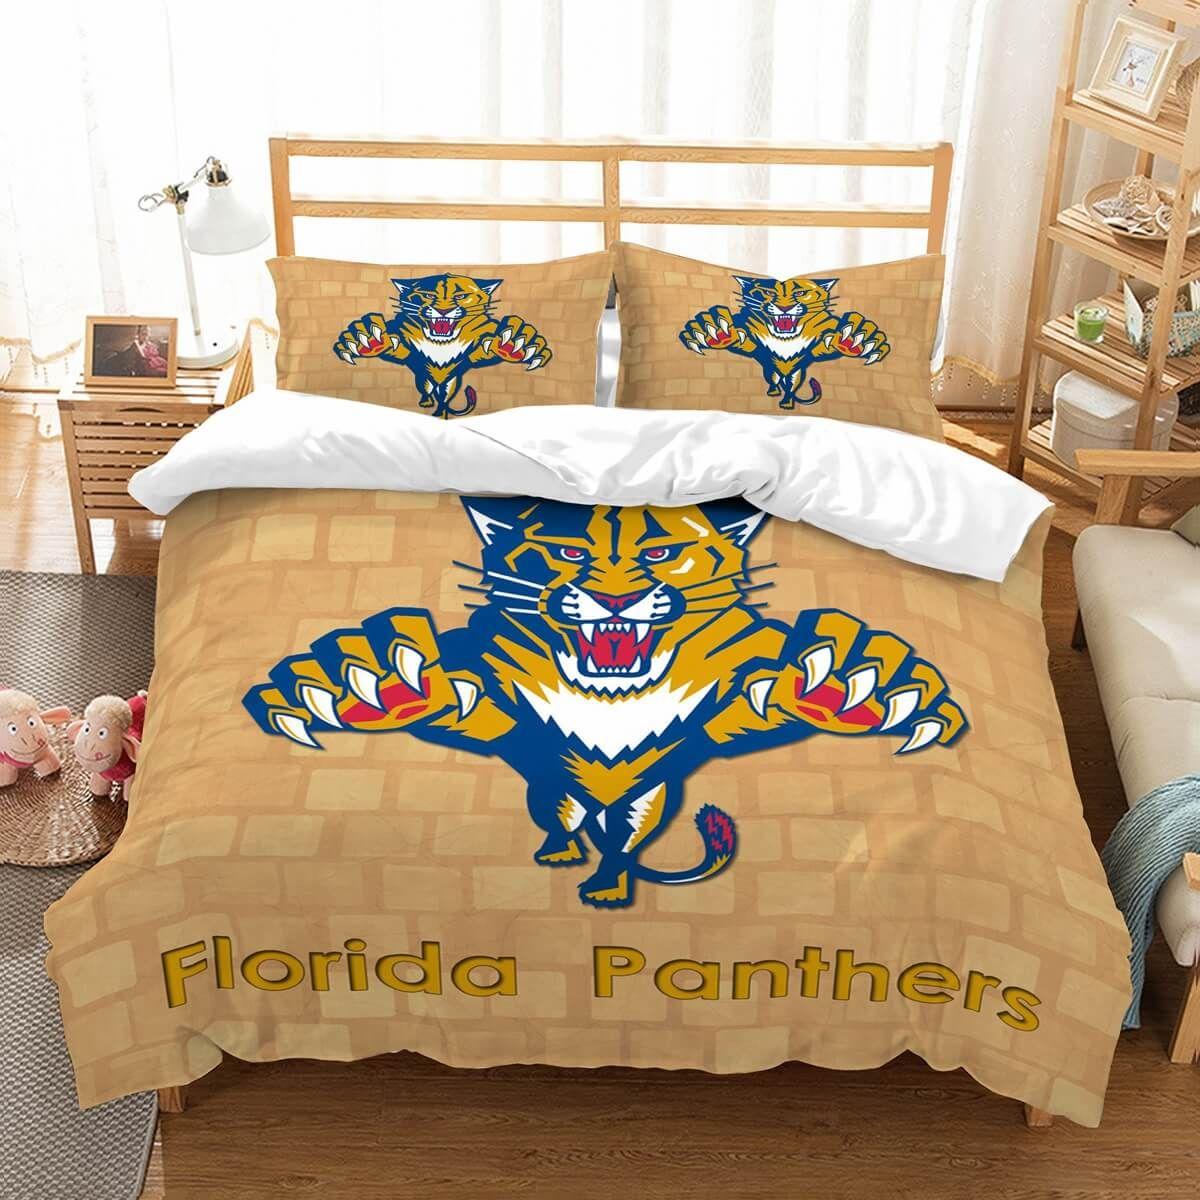 3D Customize Florida Panthers Bedding Set Duvet Cover Set